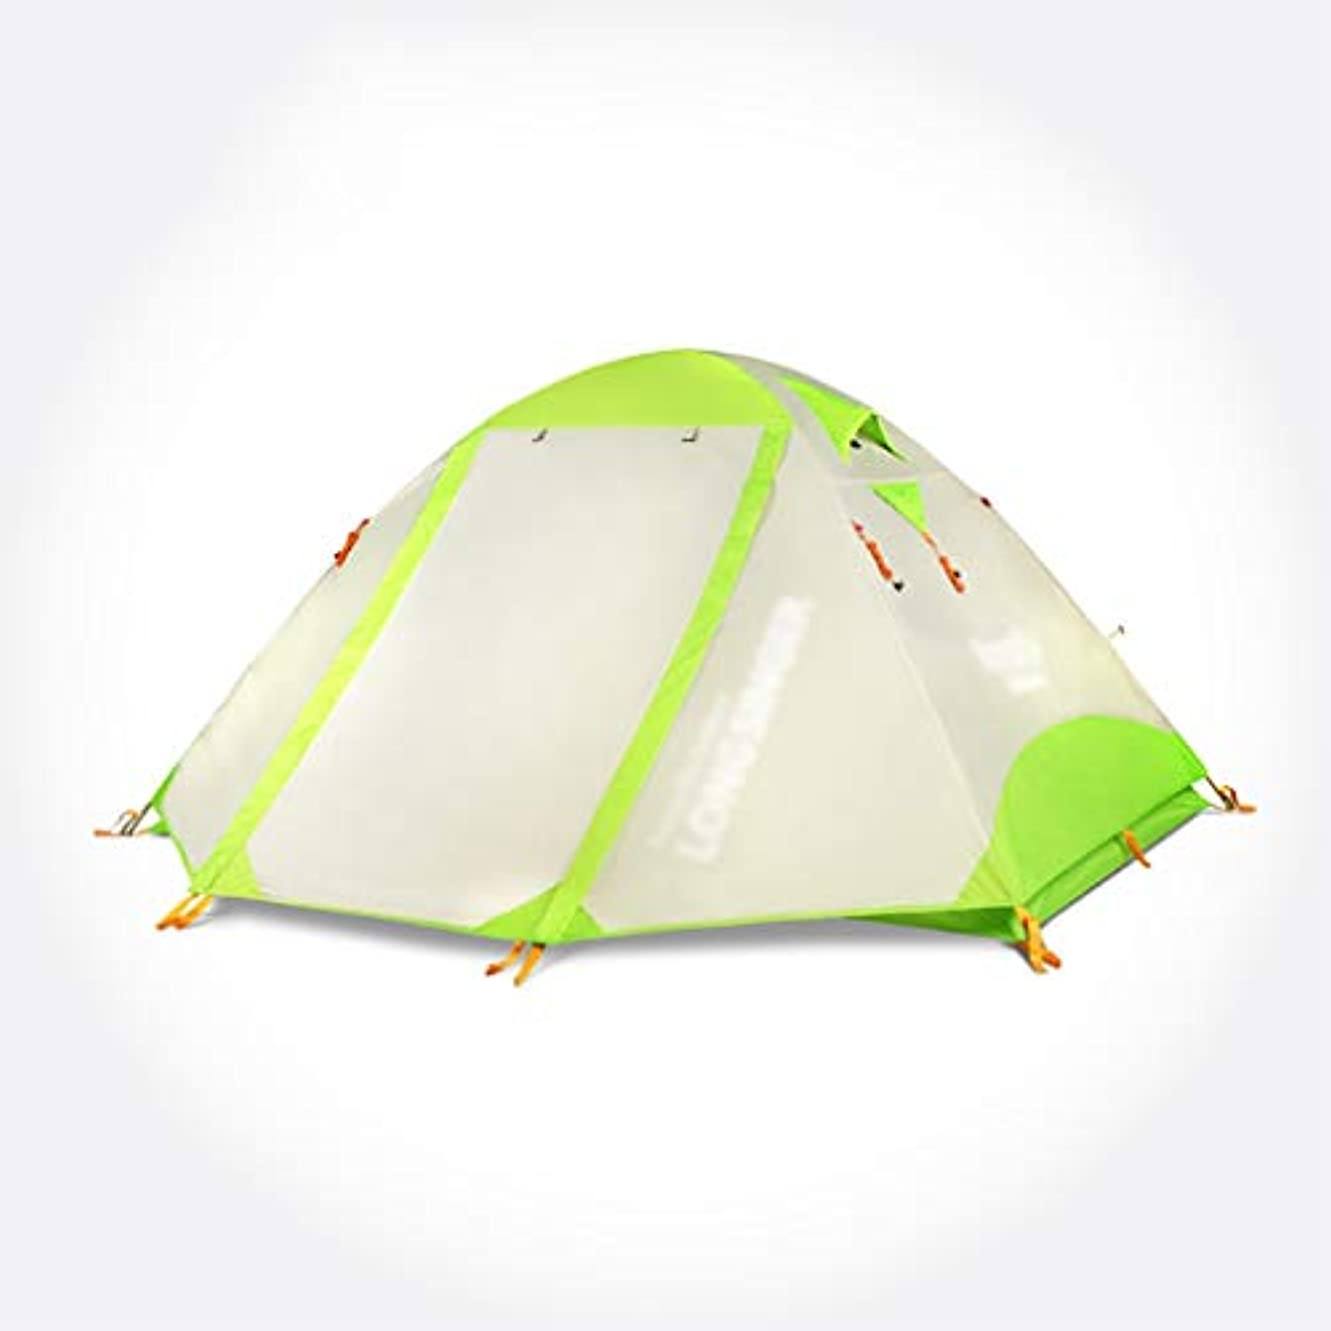 記憶パンサー変動するキャンプテント2人超軽量ダブルアルミポール防風雨屋外キャンププロの高山クライミングテント四季アカウント軽量 (Color : A)